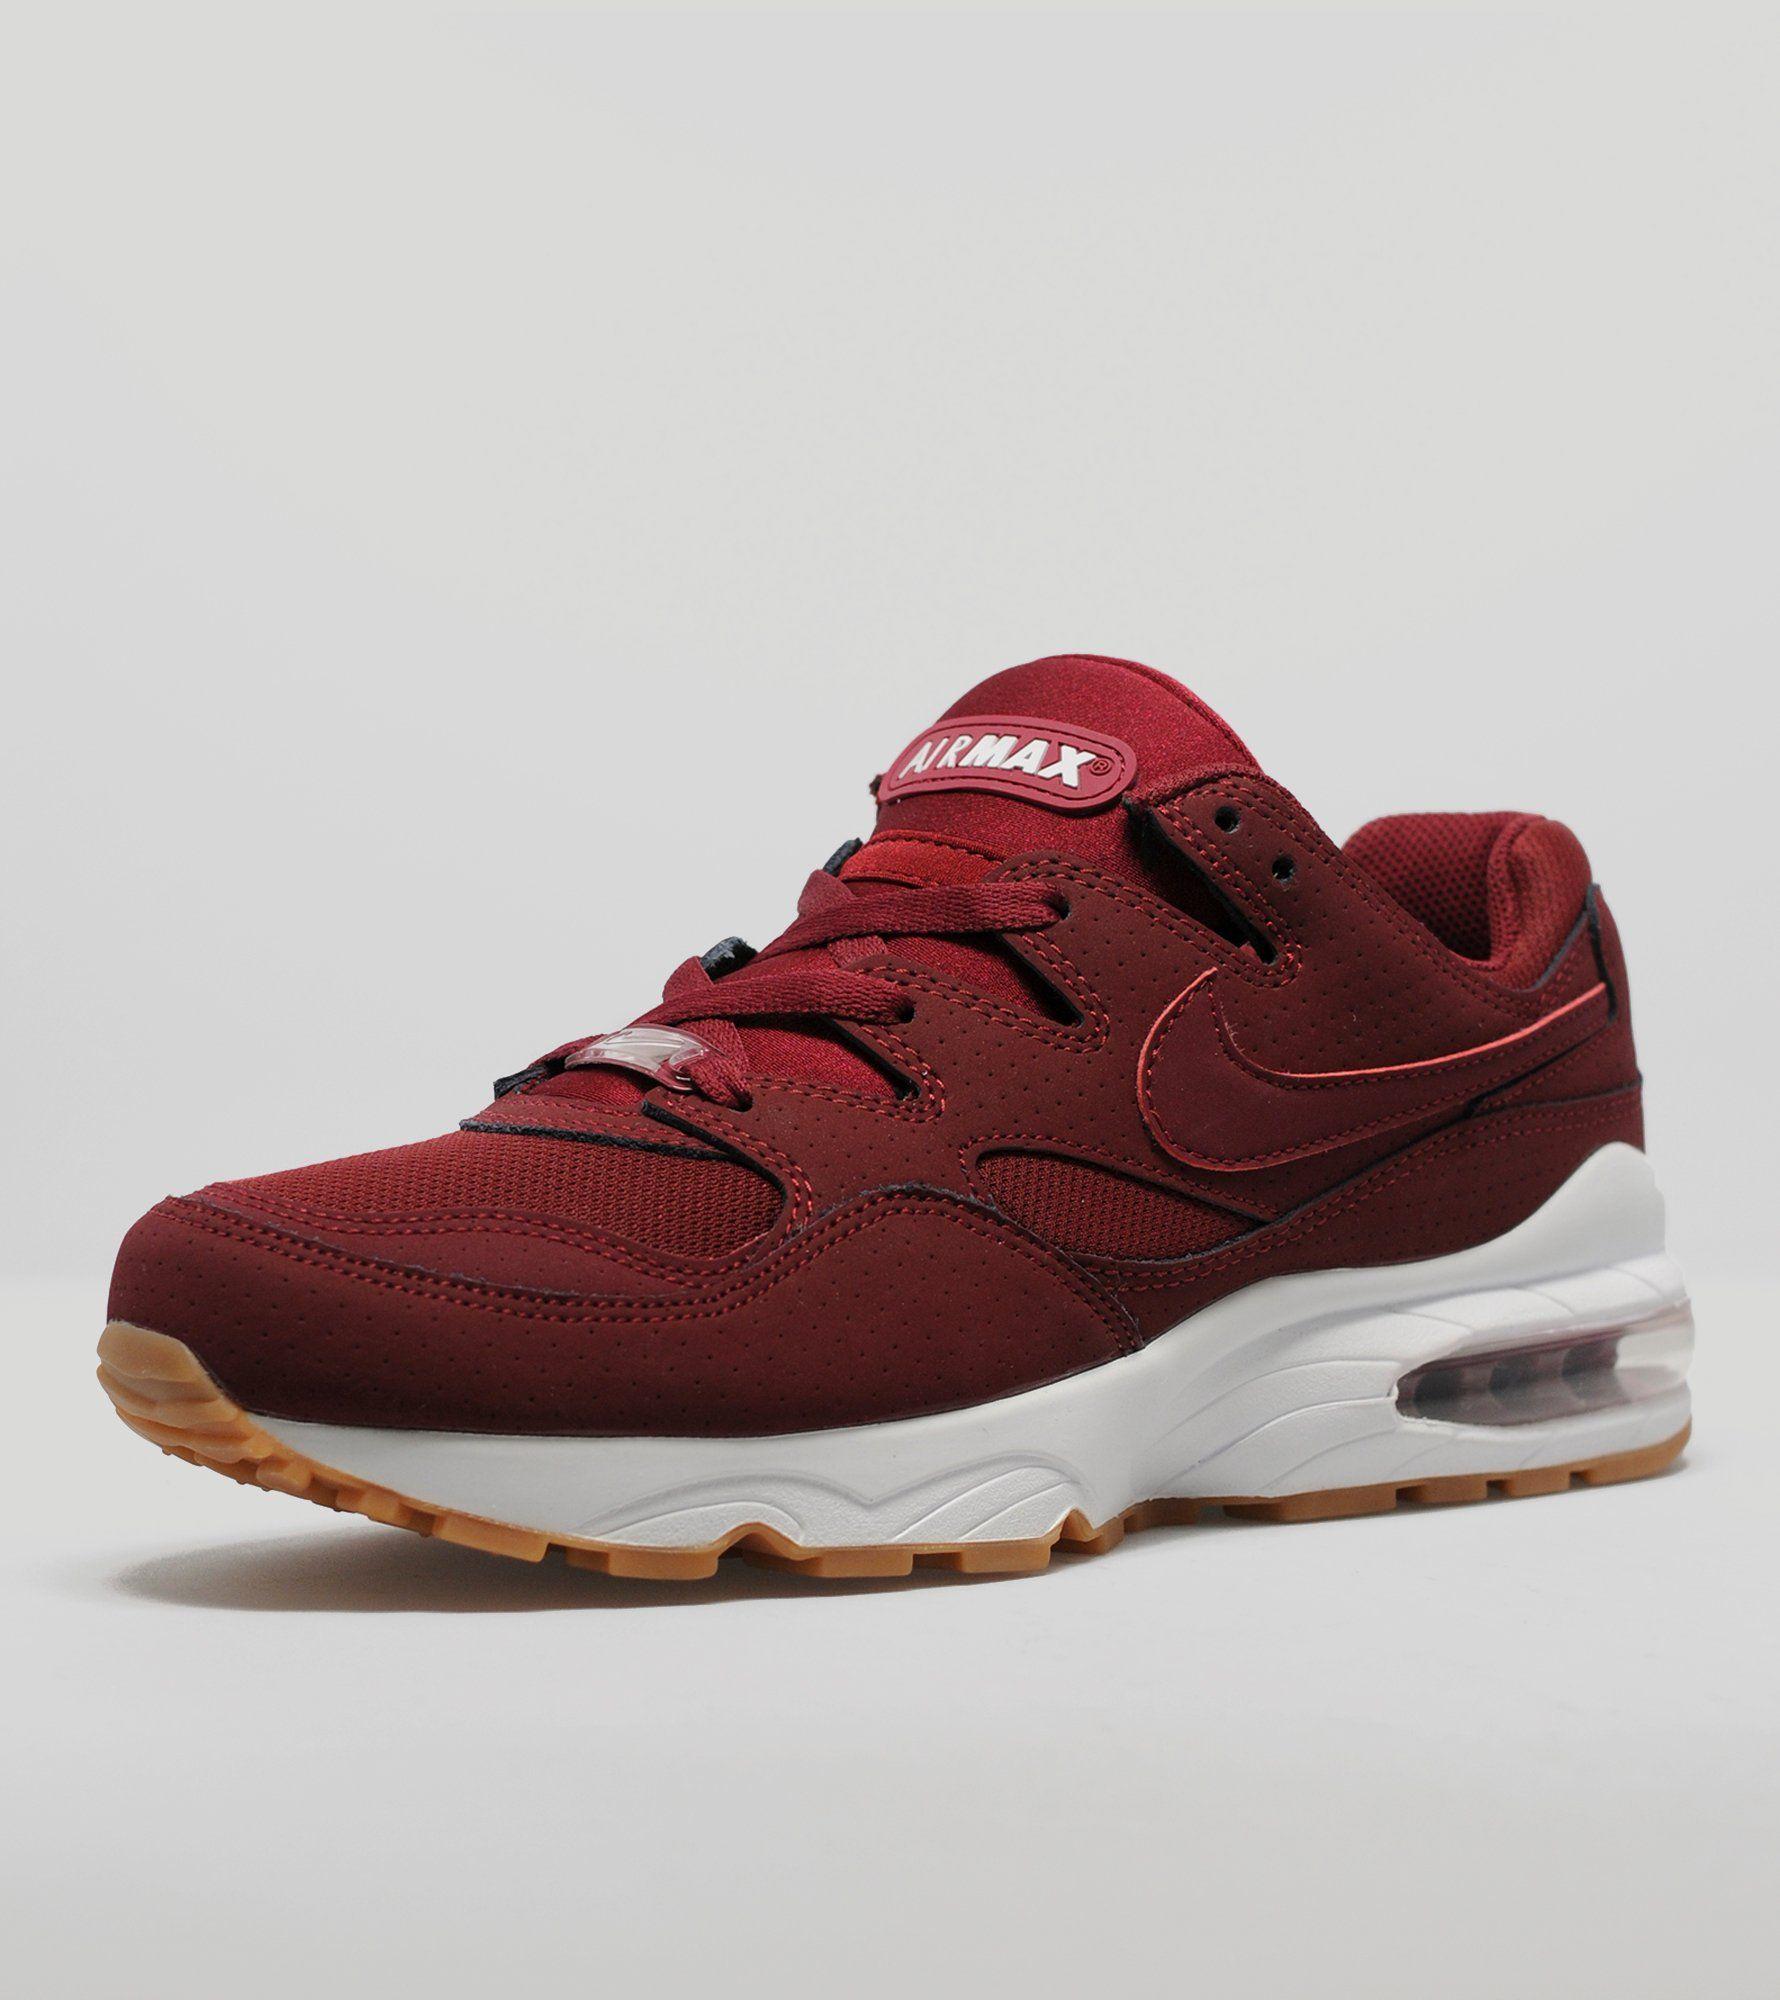 3efc37d7feb Nike Air Max 94 Premium